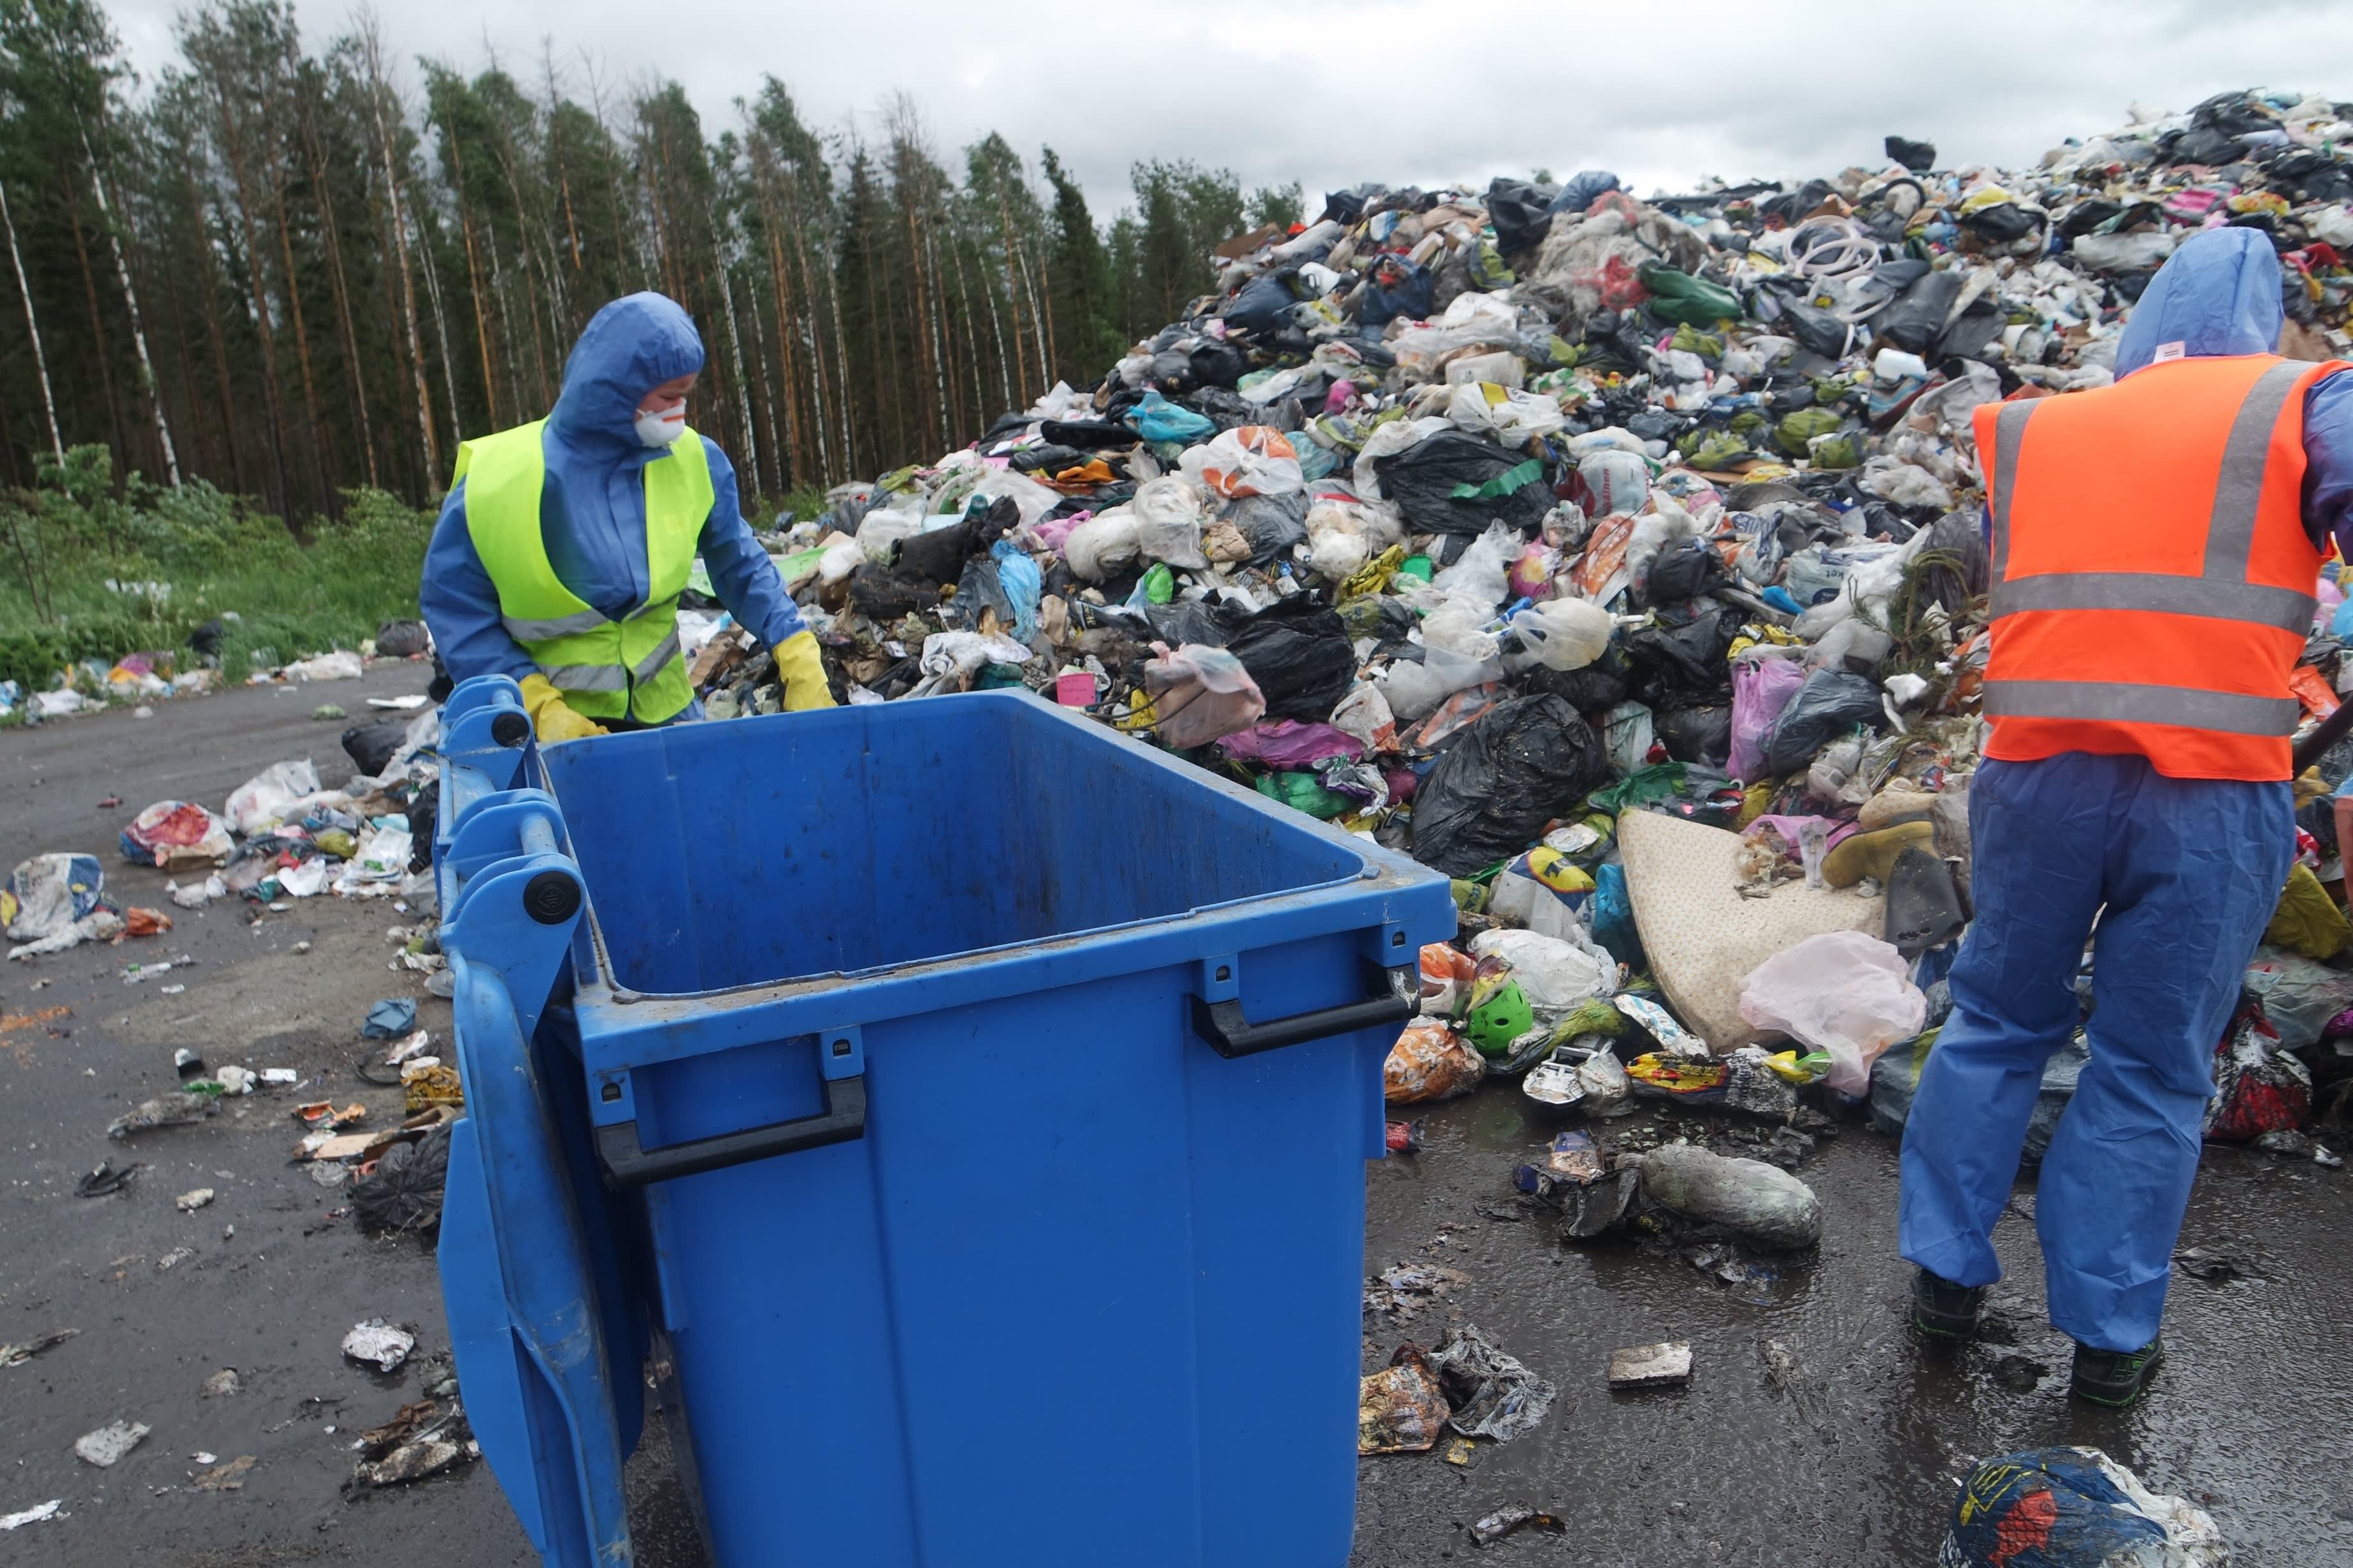 Sekajätetutkimuksen tekoa Sammakkokankaan jäteasemalla kesällä 2021